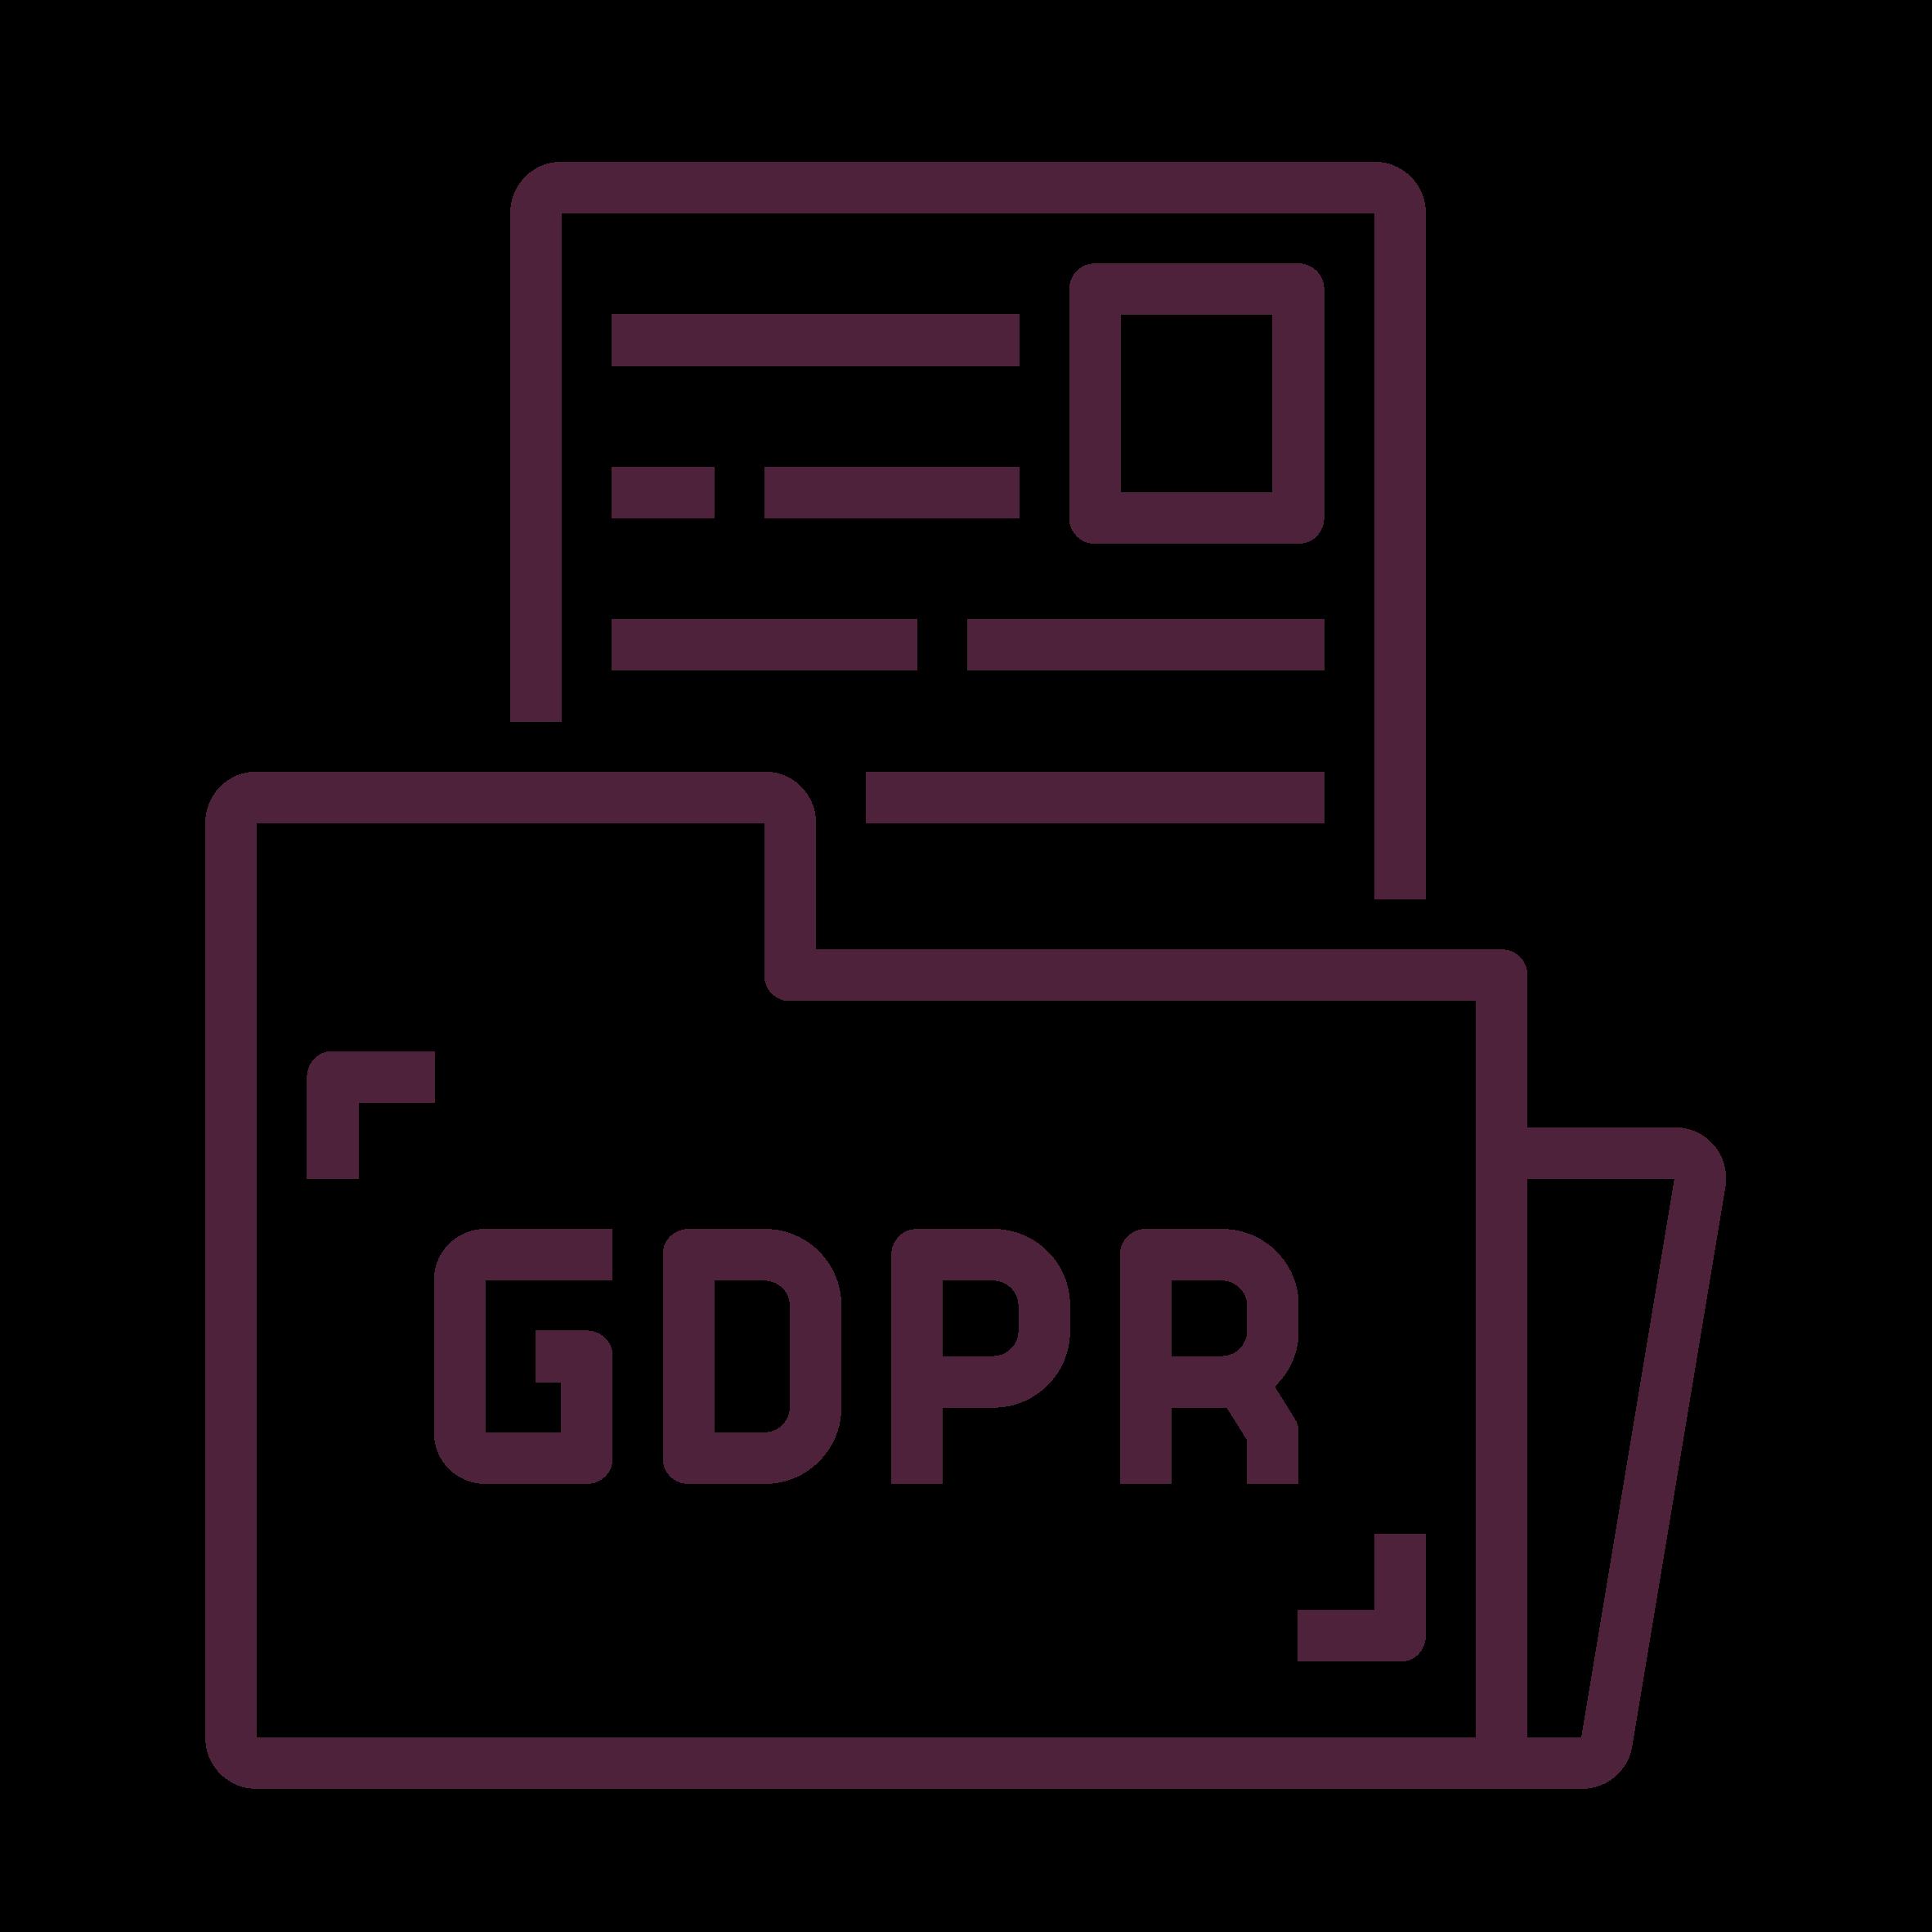 GDPR-06